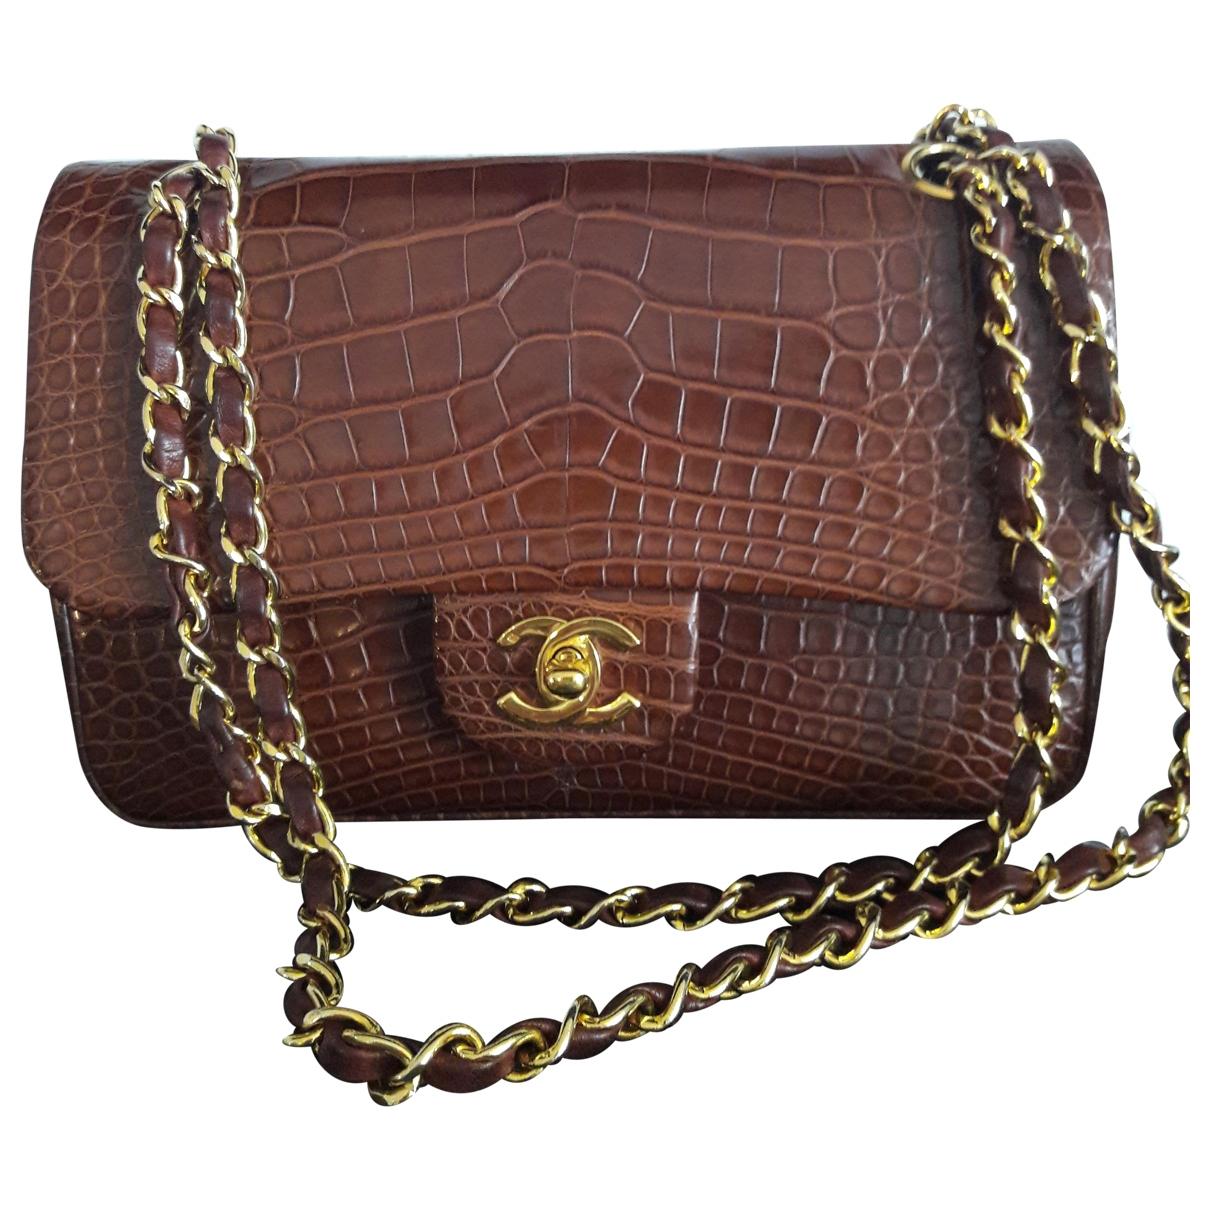 Chanel Timeless/Classique Handtasche in  Braun Exotenleder